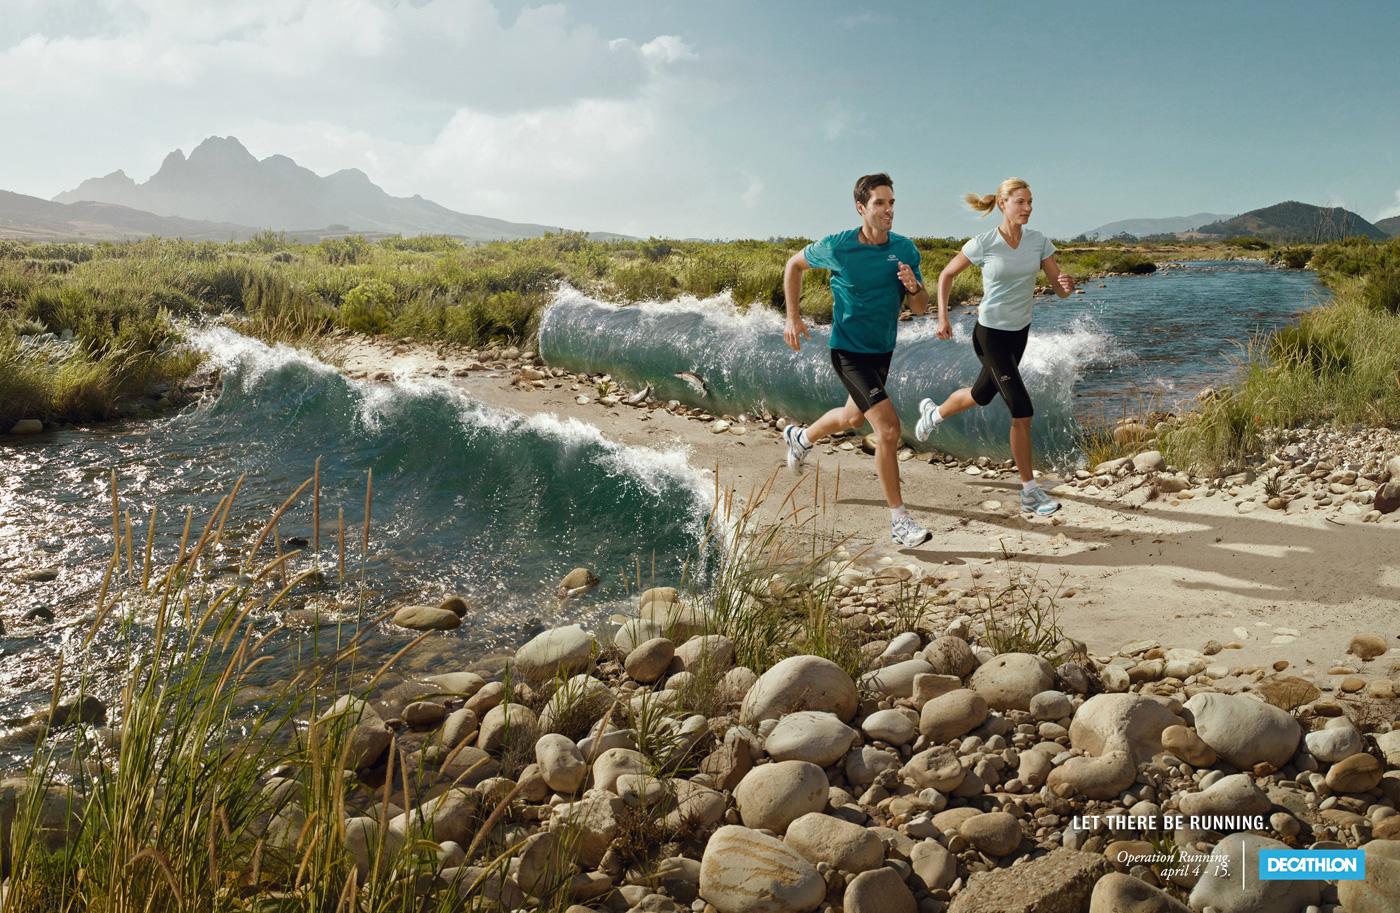 Decathlon Print Advert By Y&R: Operation Running